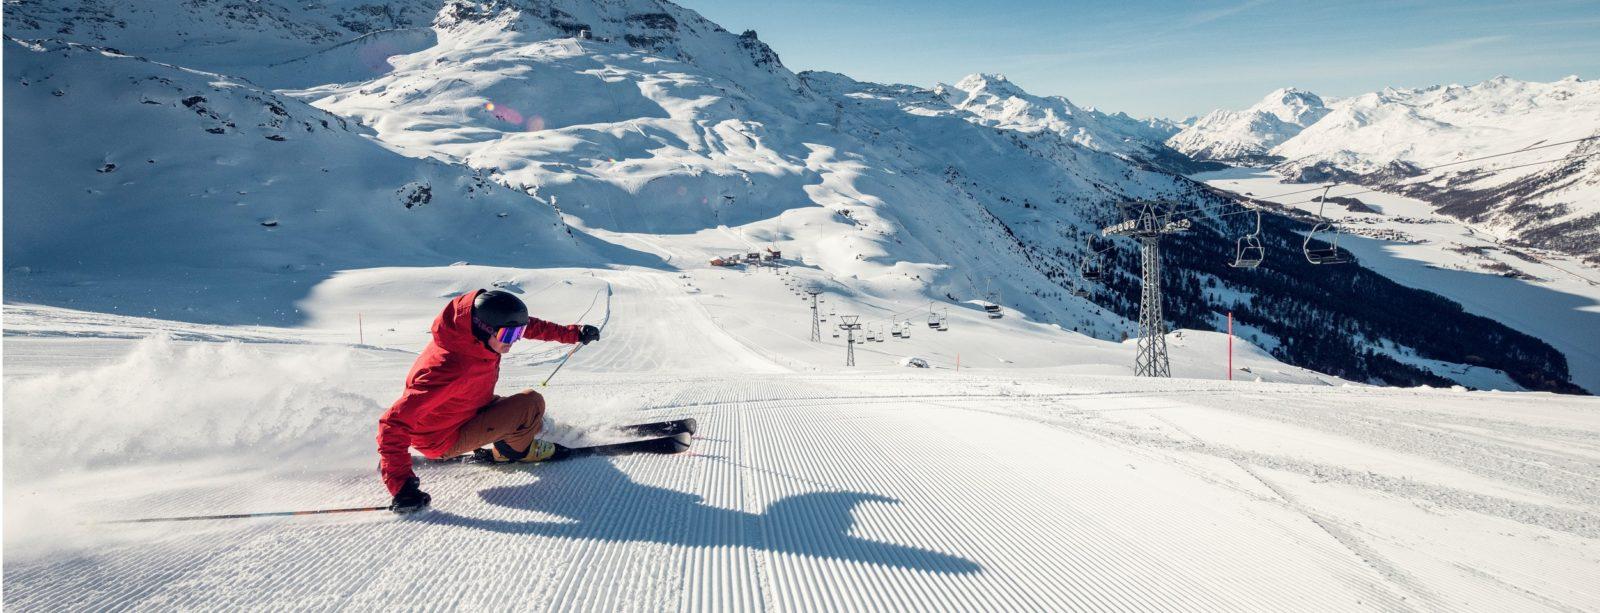 Skiing Corvatsch